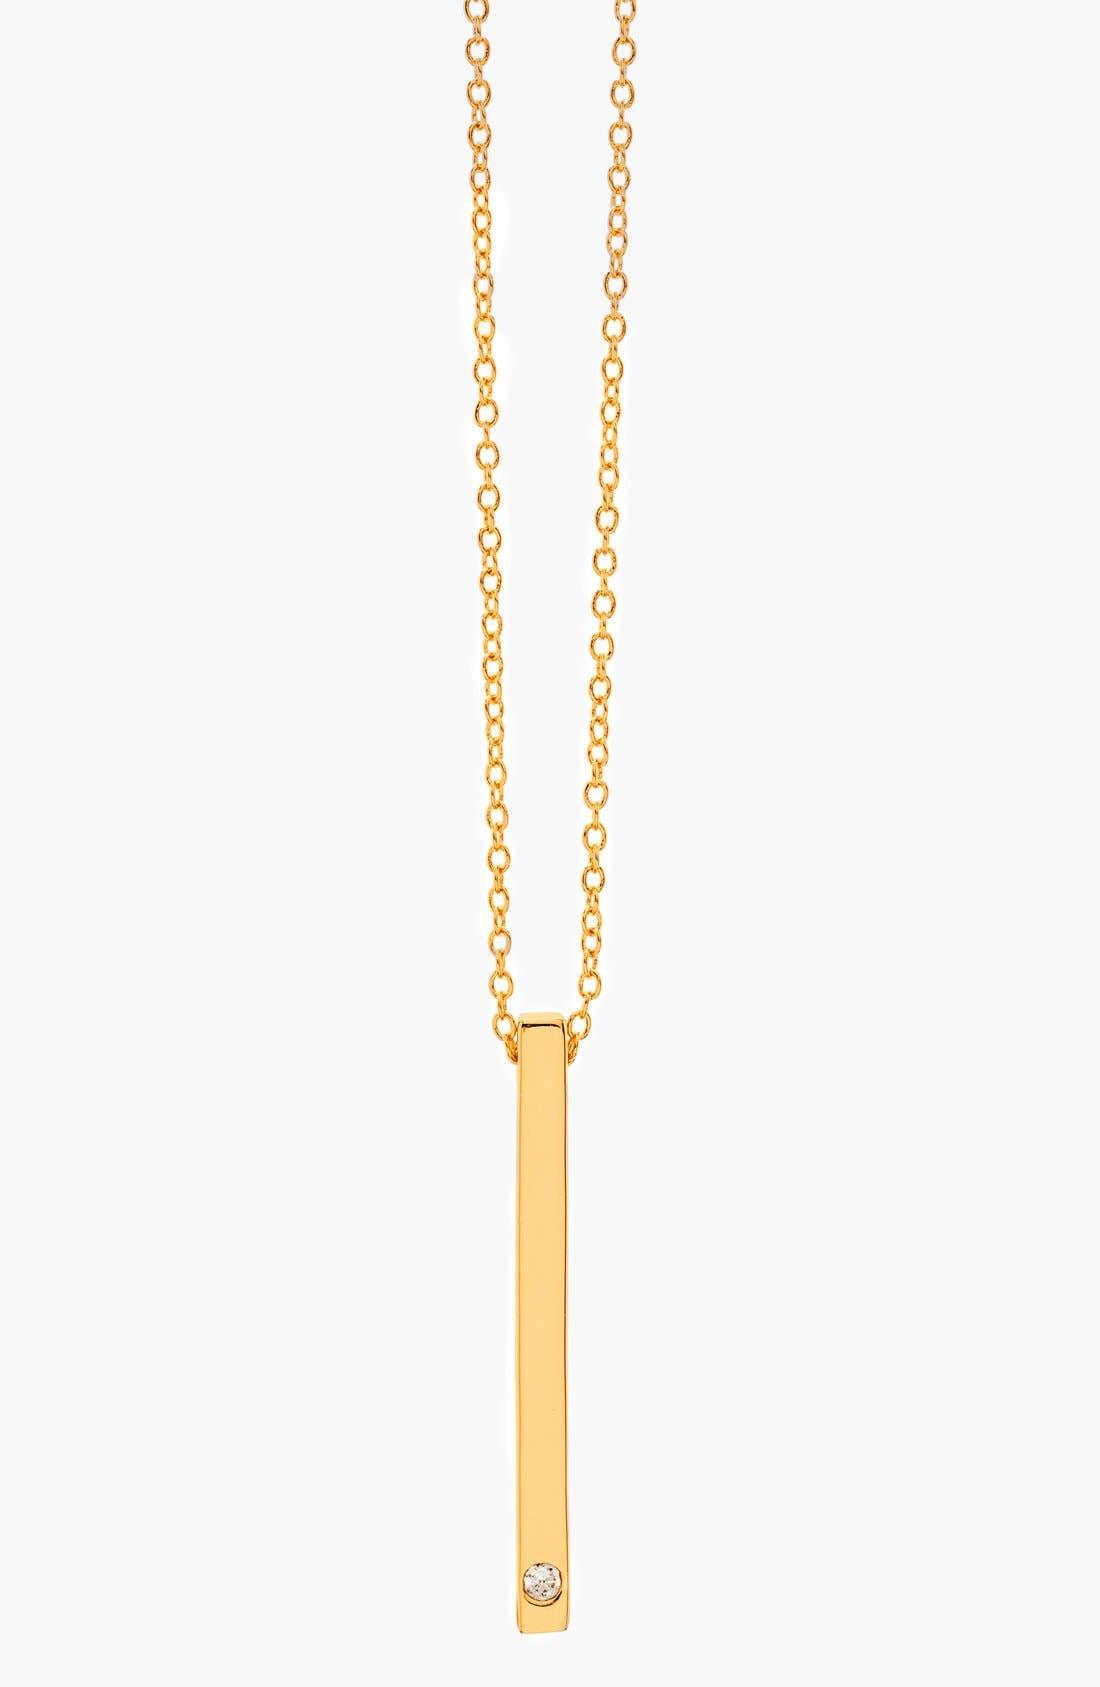 Main Image - gorjana 'Mave Shimmer' Pendant Necklace